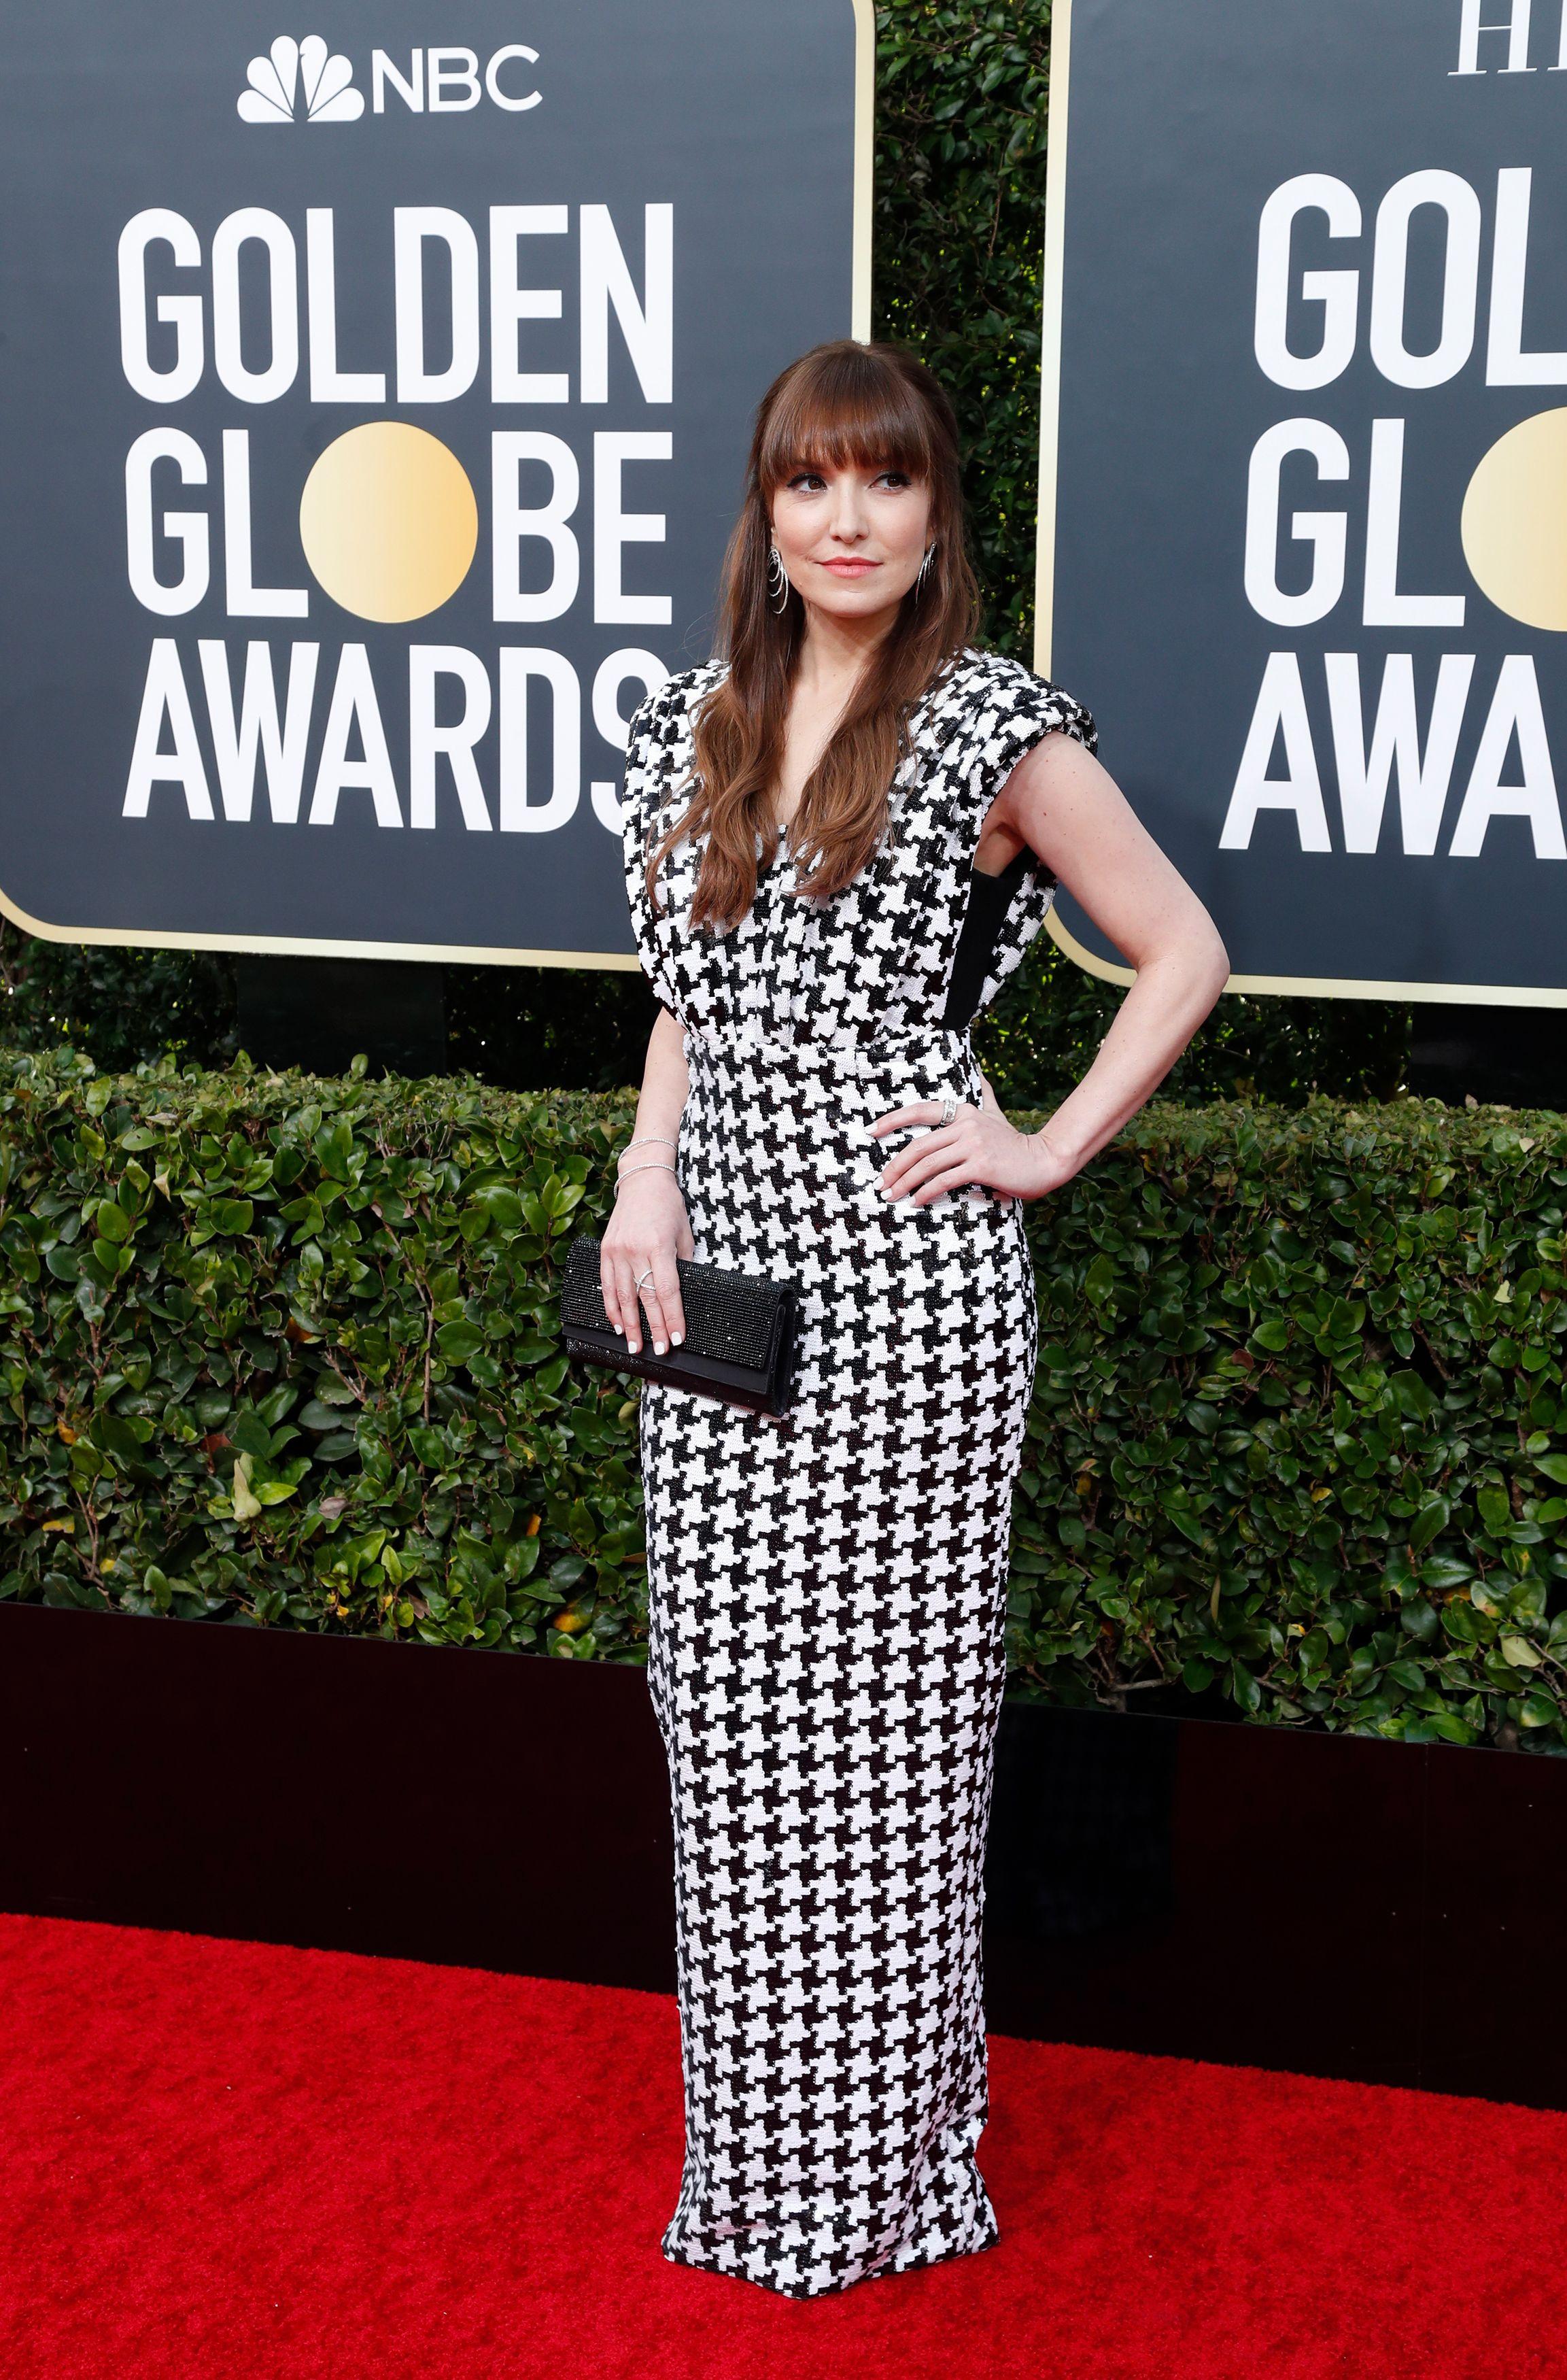 Lorene Scafaria lució un vestido sirena cuadrillé con escote V y mangas japonesas. Completó su look con clutch rígido rectangular en color negro